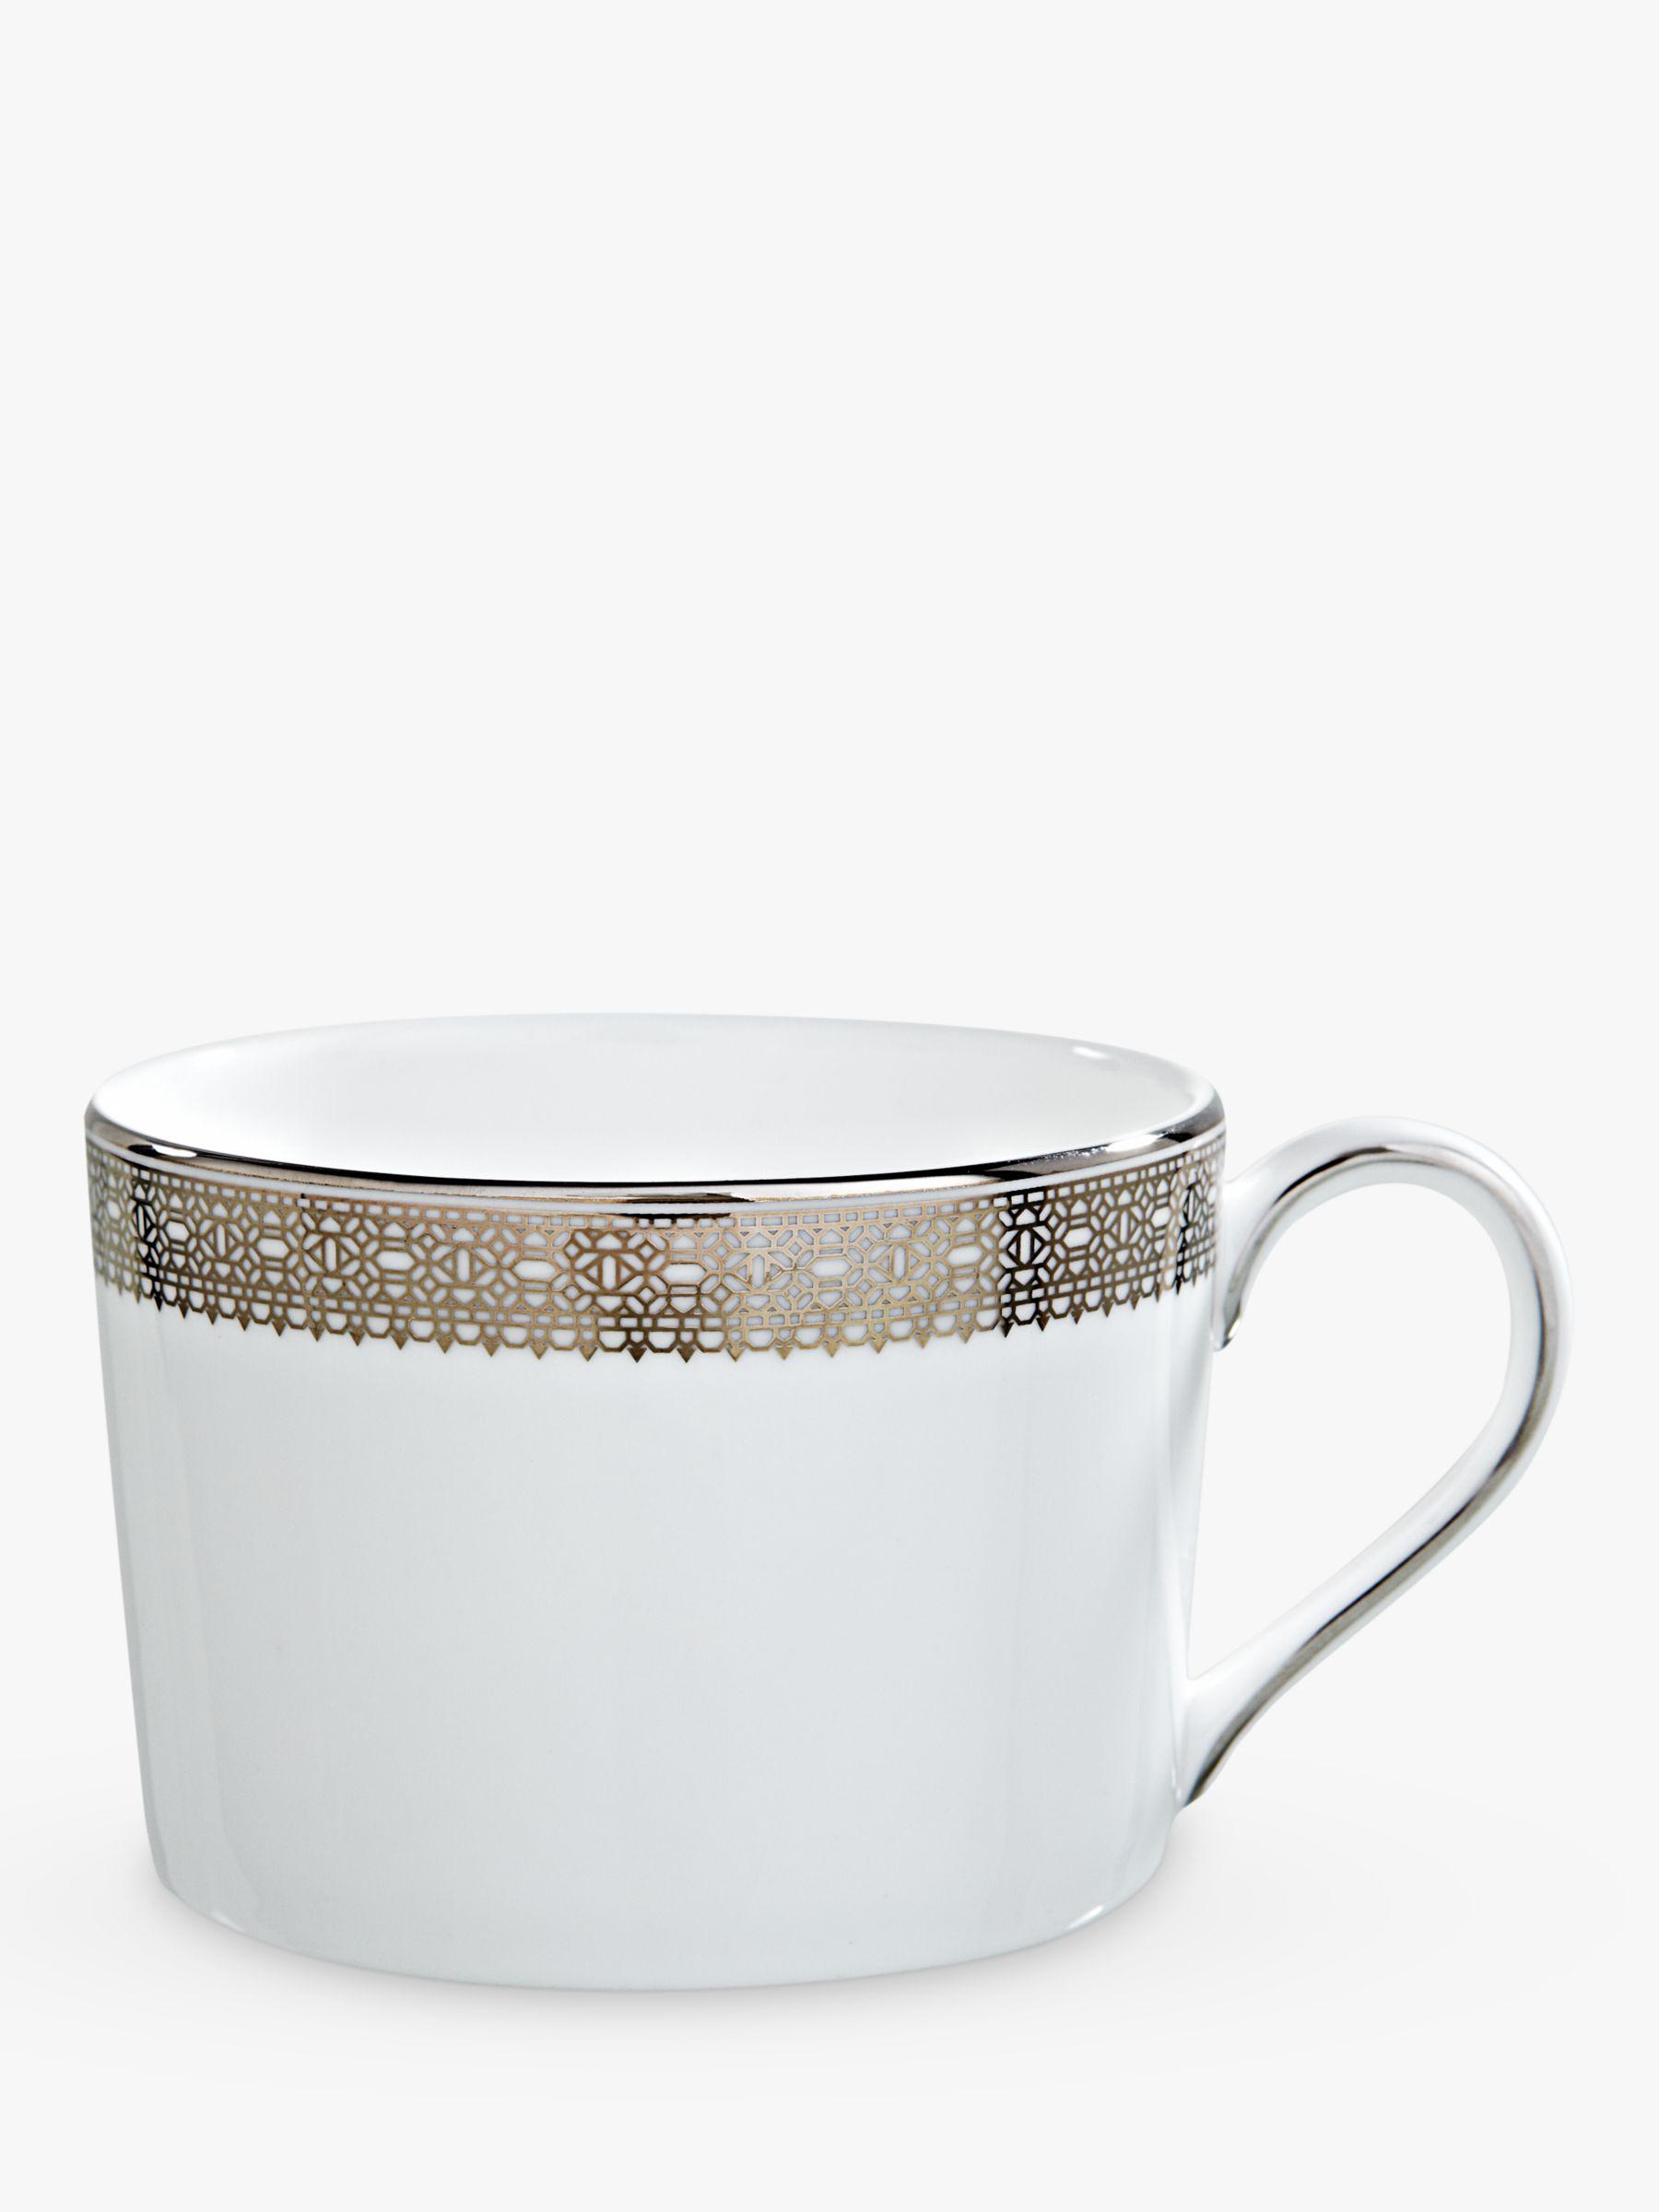 Vera Wang for Wedgwood Vera Wang for Wedgwood Lace Platinum Tea Cup